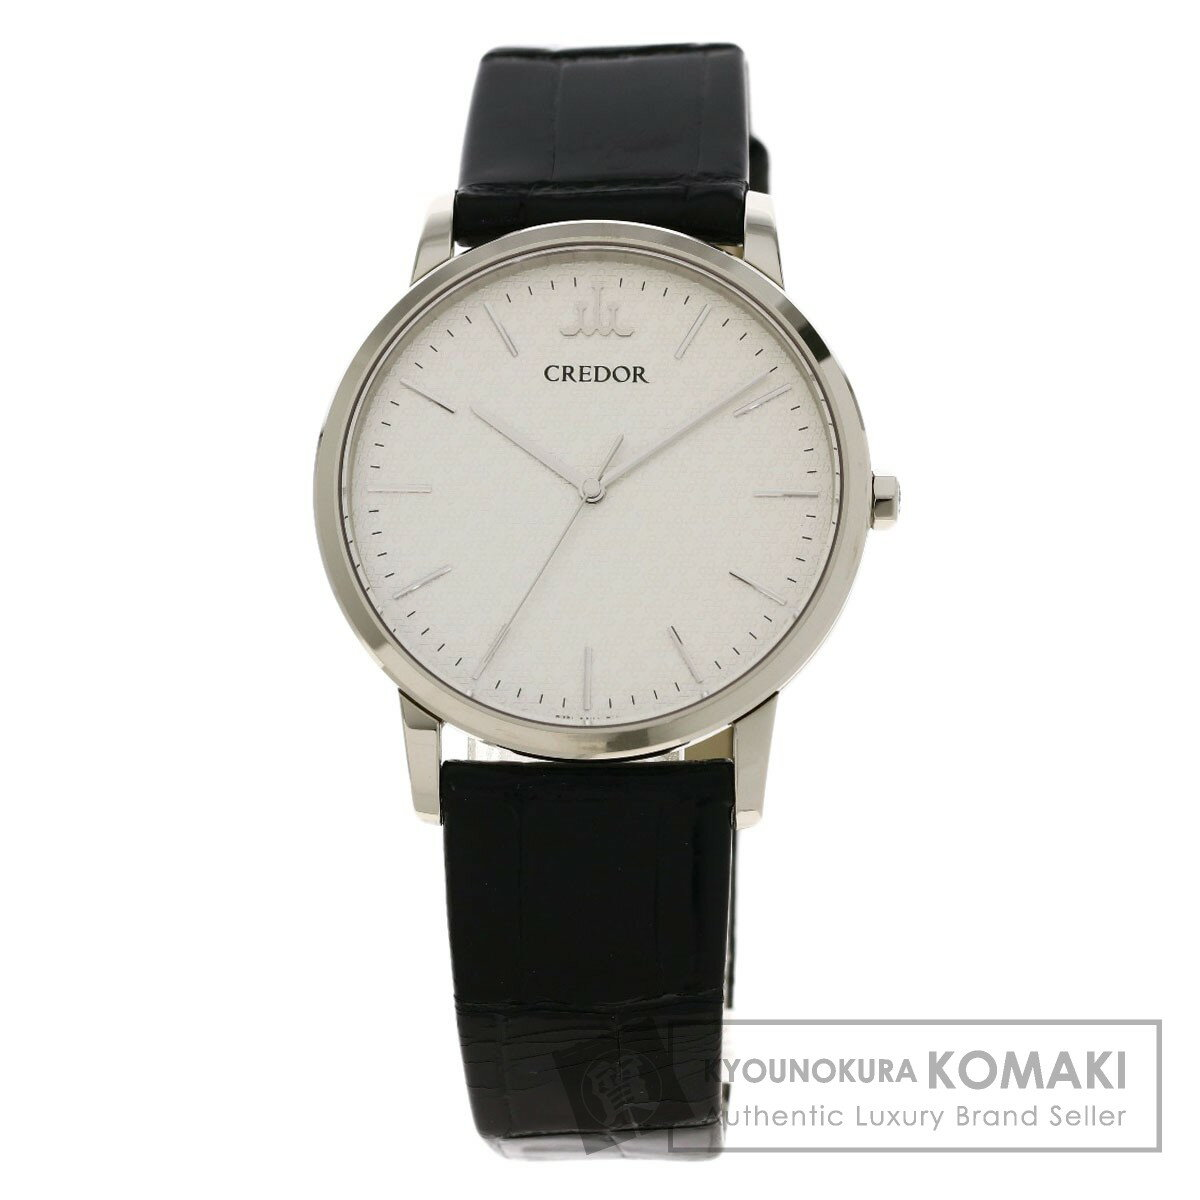 腕時計, メンズ腕時計  GBAR001 8J81-0AH0 K18 SEIKO